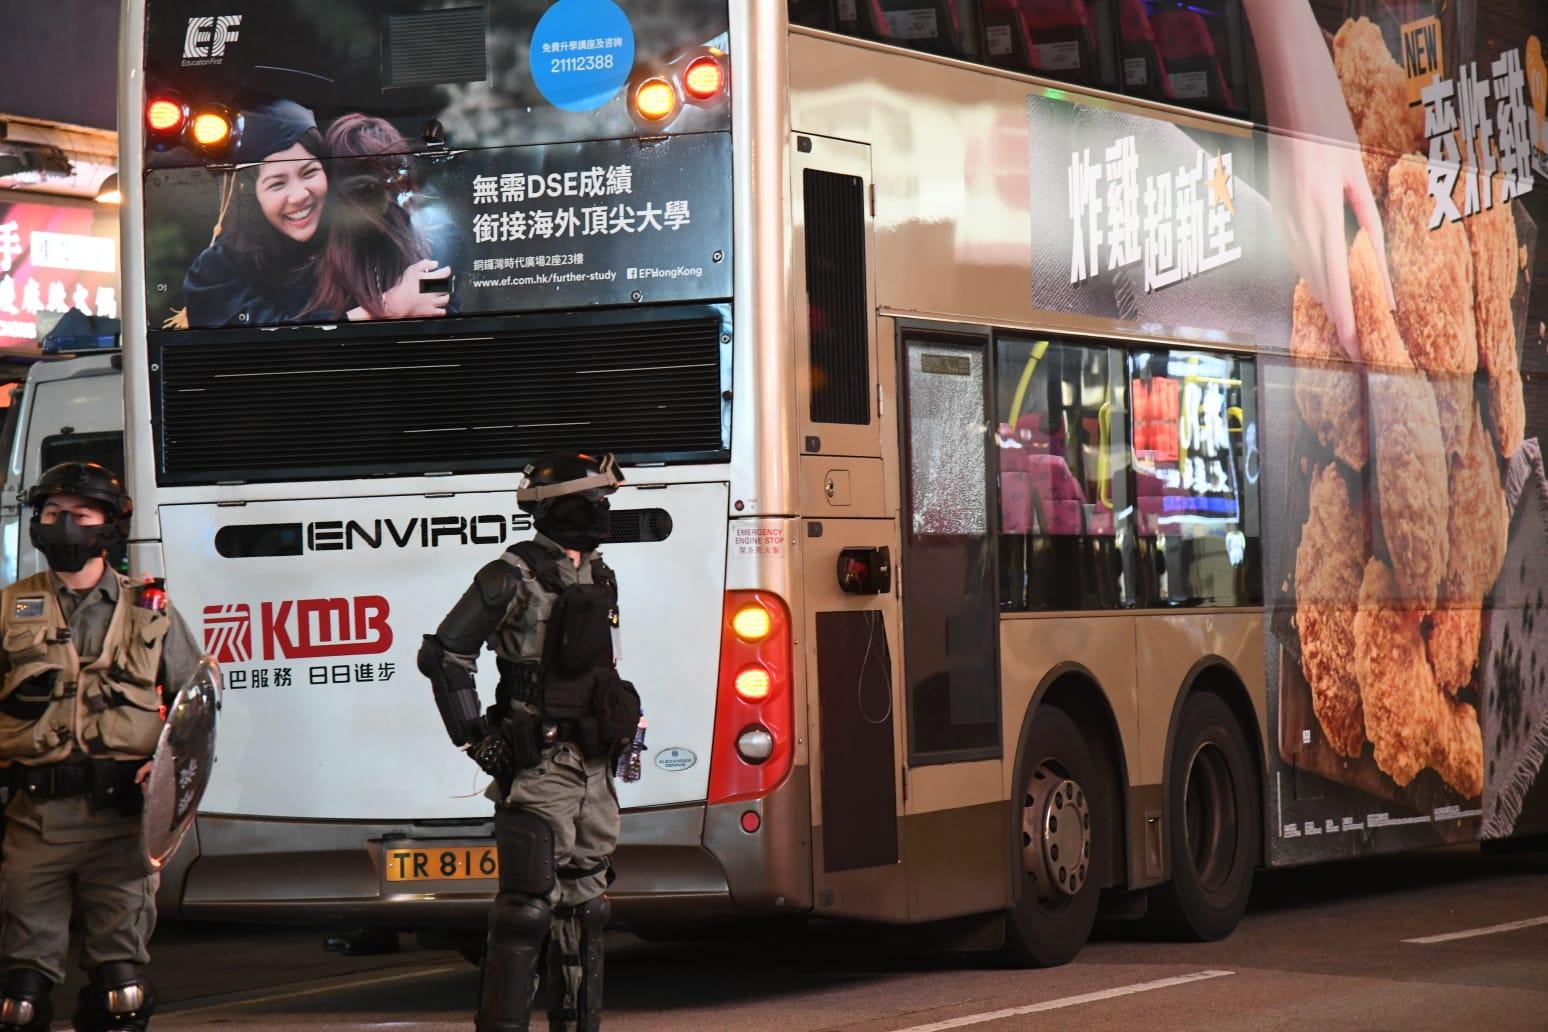 有示威者在旺角亞皆老街近彌敦道突然走出馬路,疑按動至少3部正在行駛的巴士的緊急掣。